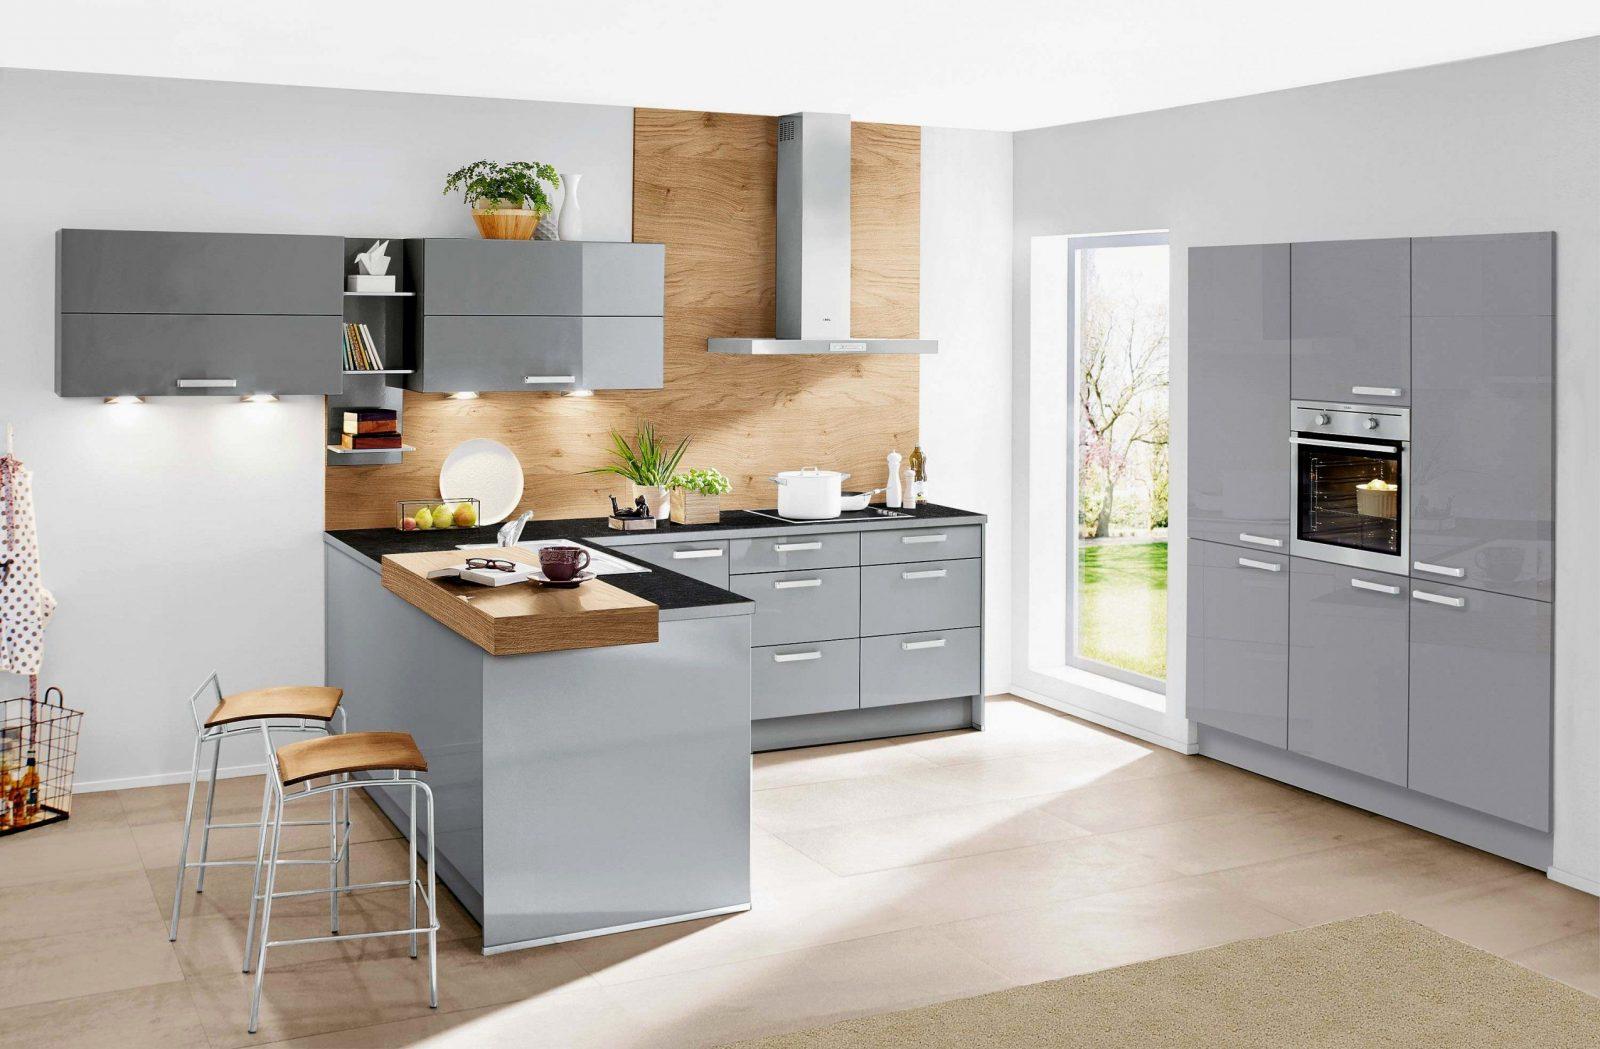 Nolte Küchen Mit Kochinsel Und Theke Fein On Andere In Häusliche von Nolte Küchen Mit Kochinsel Bild